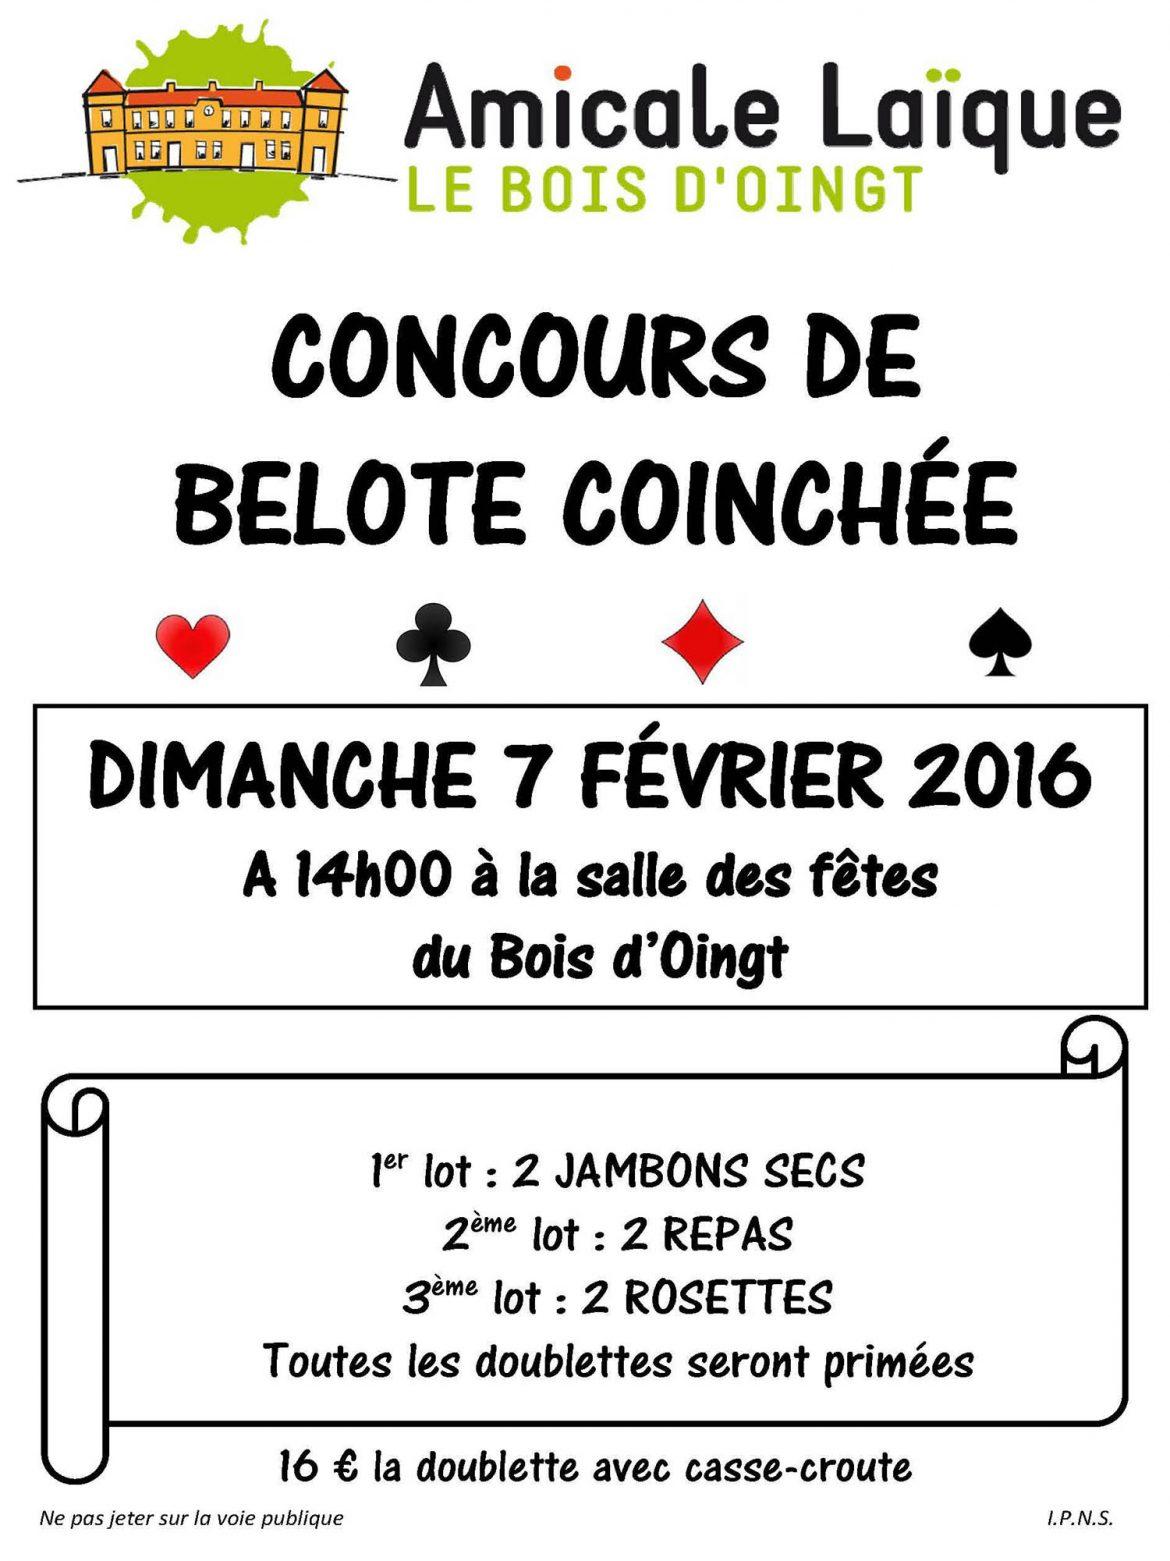 Concours de belote coinchée le 7 février 2016 au Bois d'Oingt